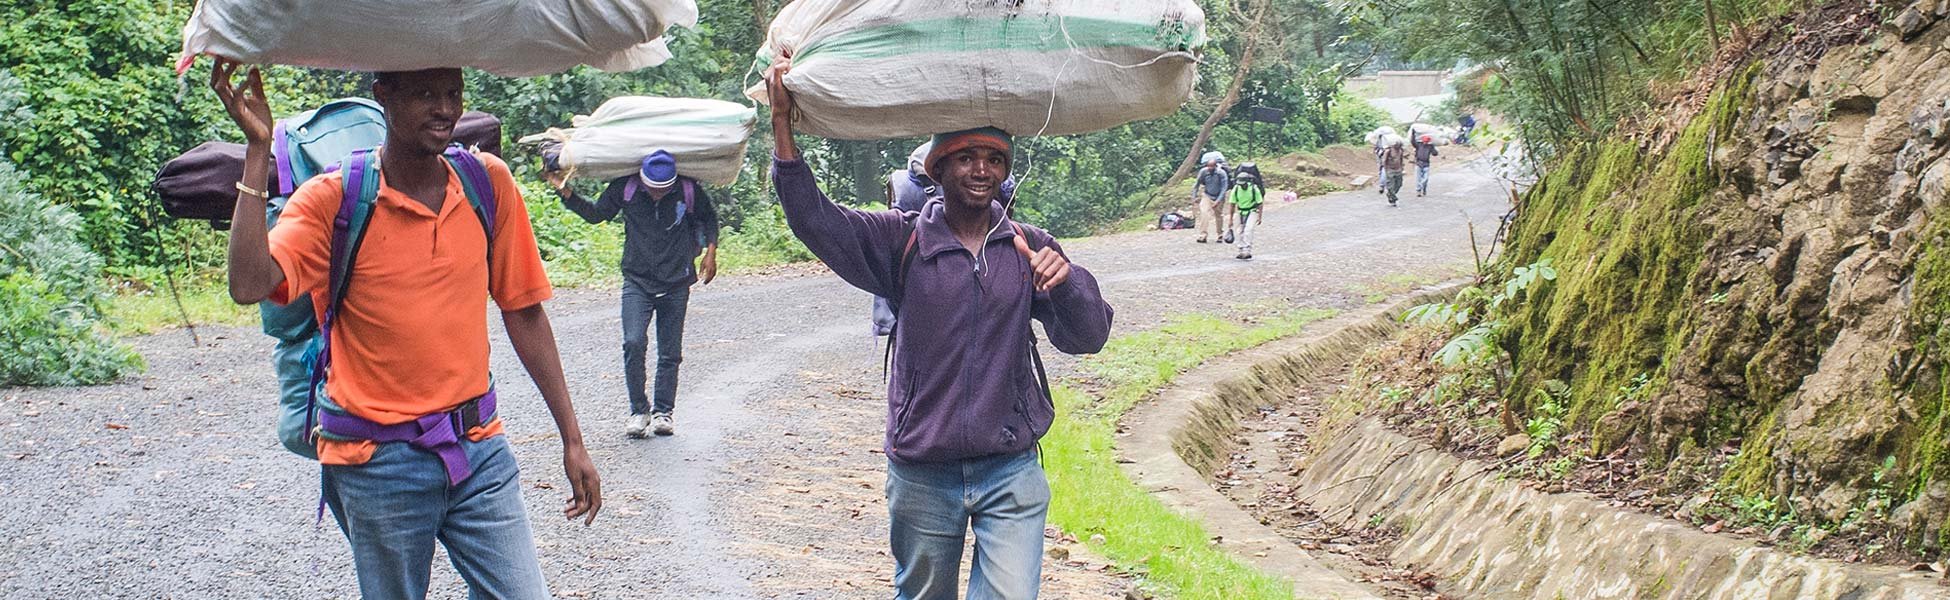 Träger-am-Kilimandscharo